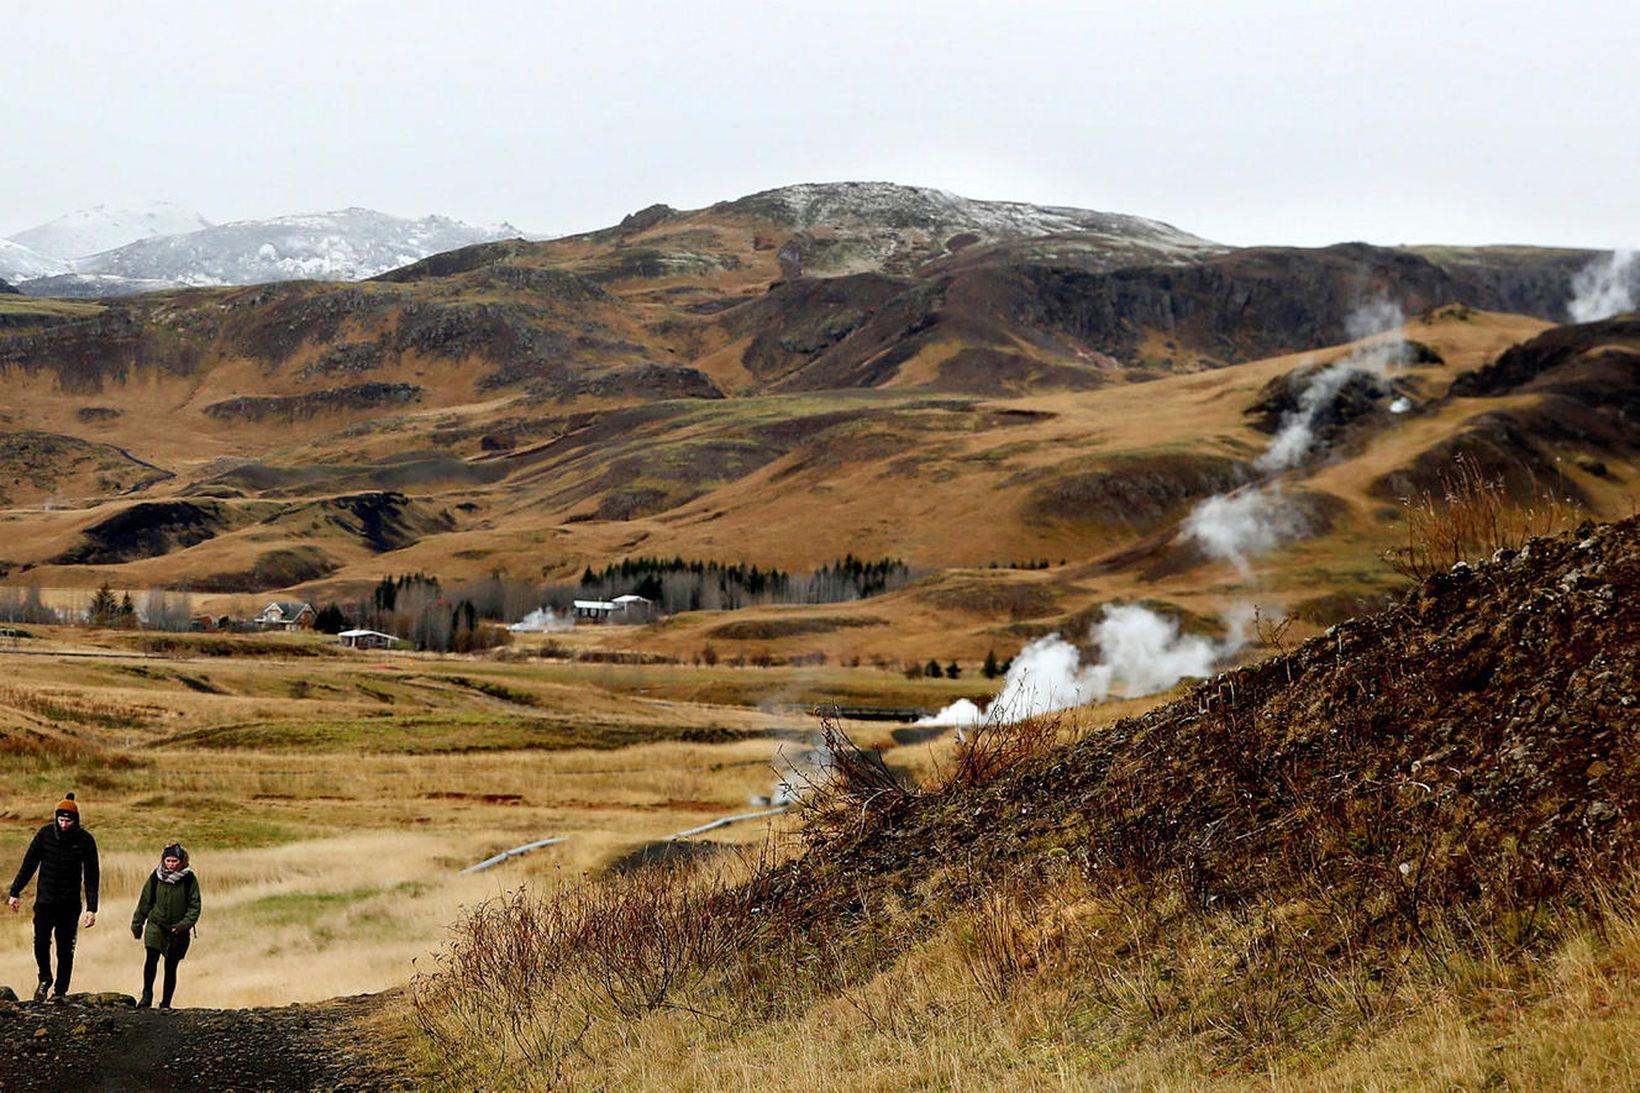 Gengið úti í guðsgrænni náttúrunni.